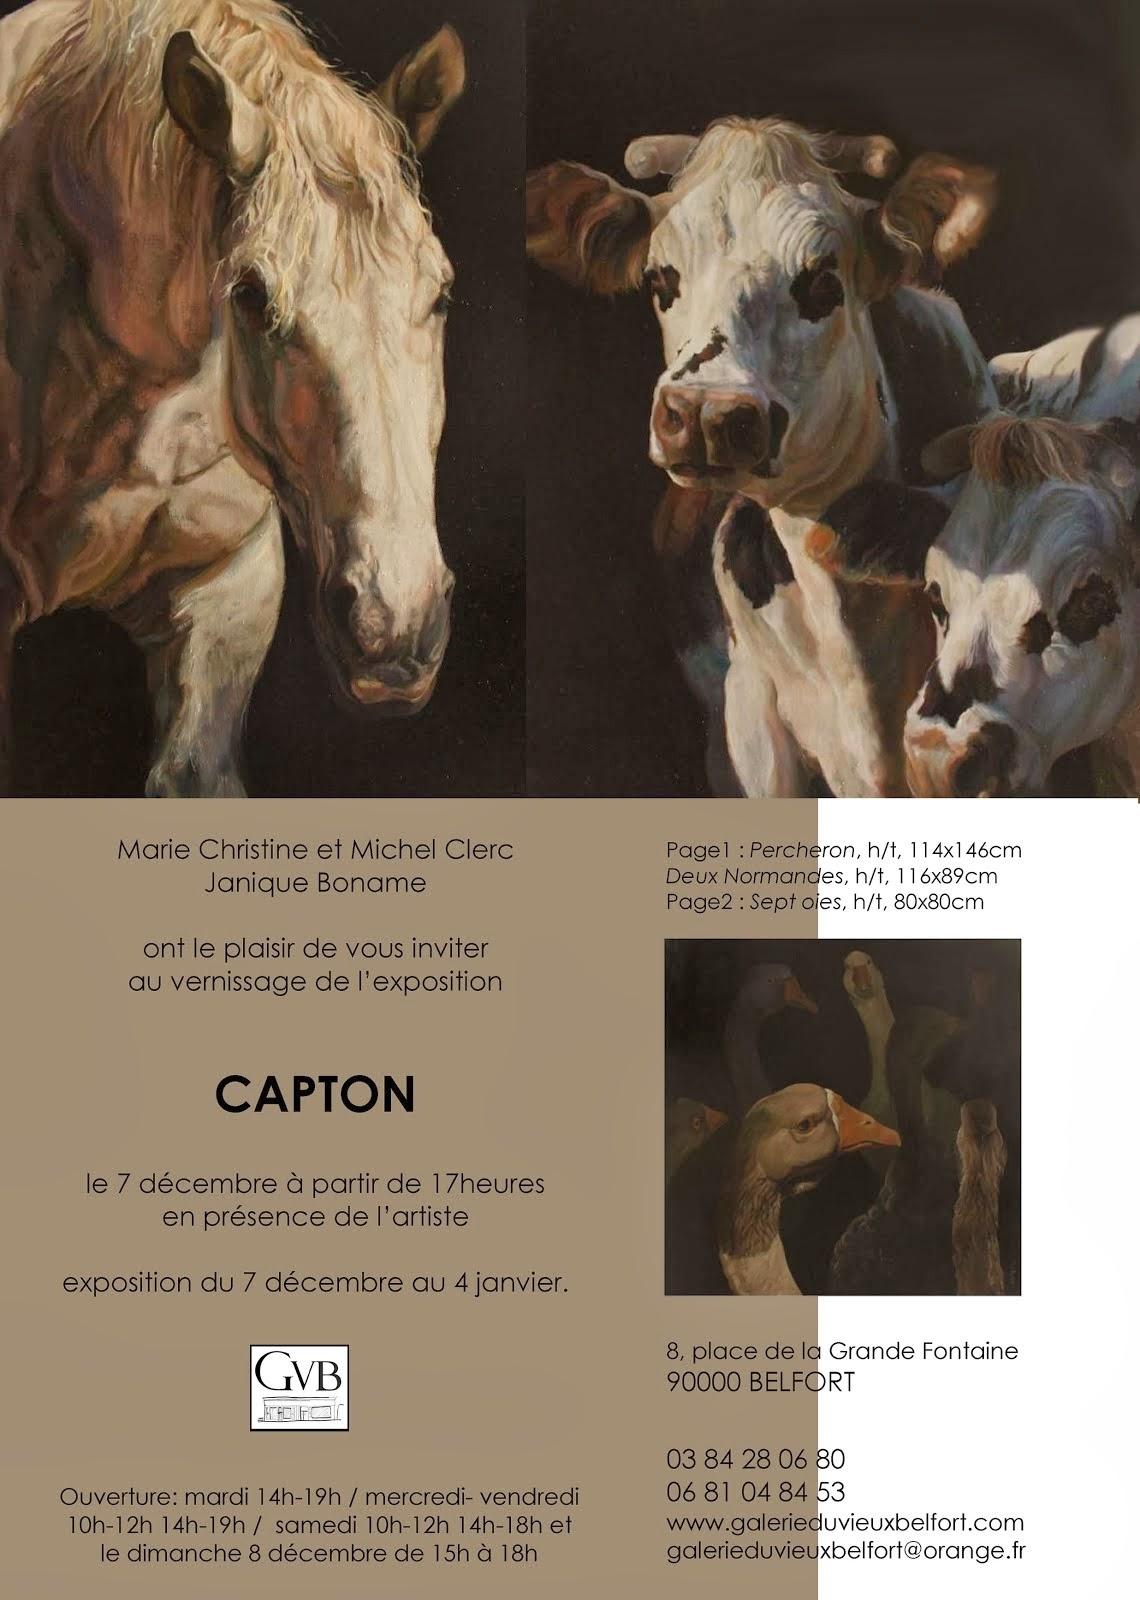 GALERIE DU VIEUX BELFORT : EXPOSITION PERSONNELLE DE CAPTON